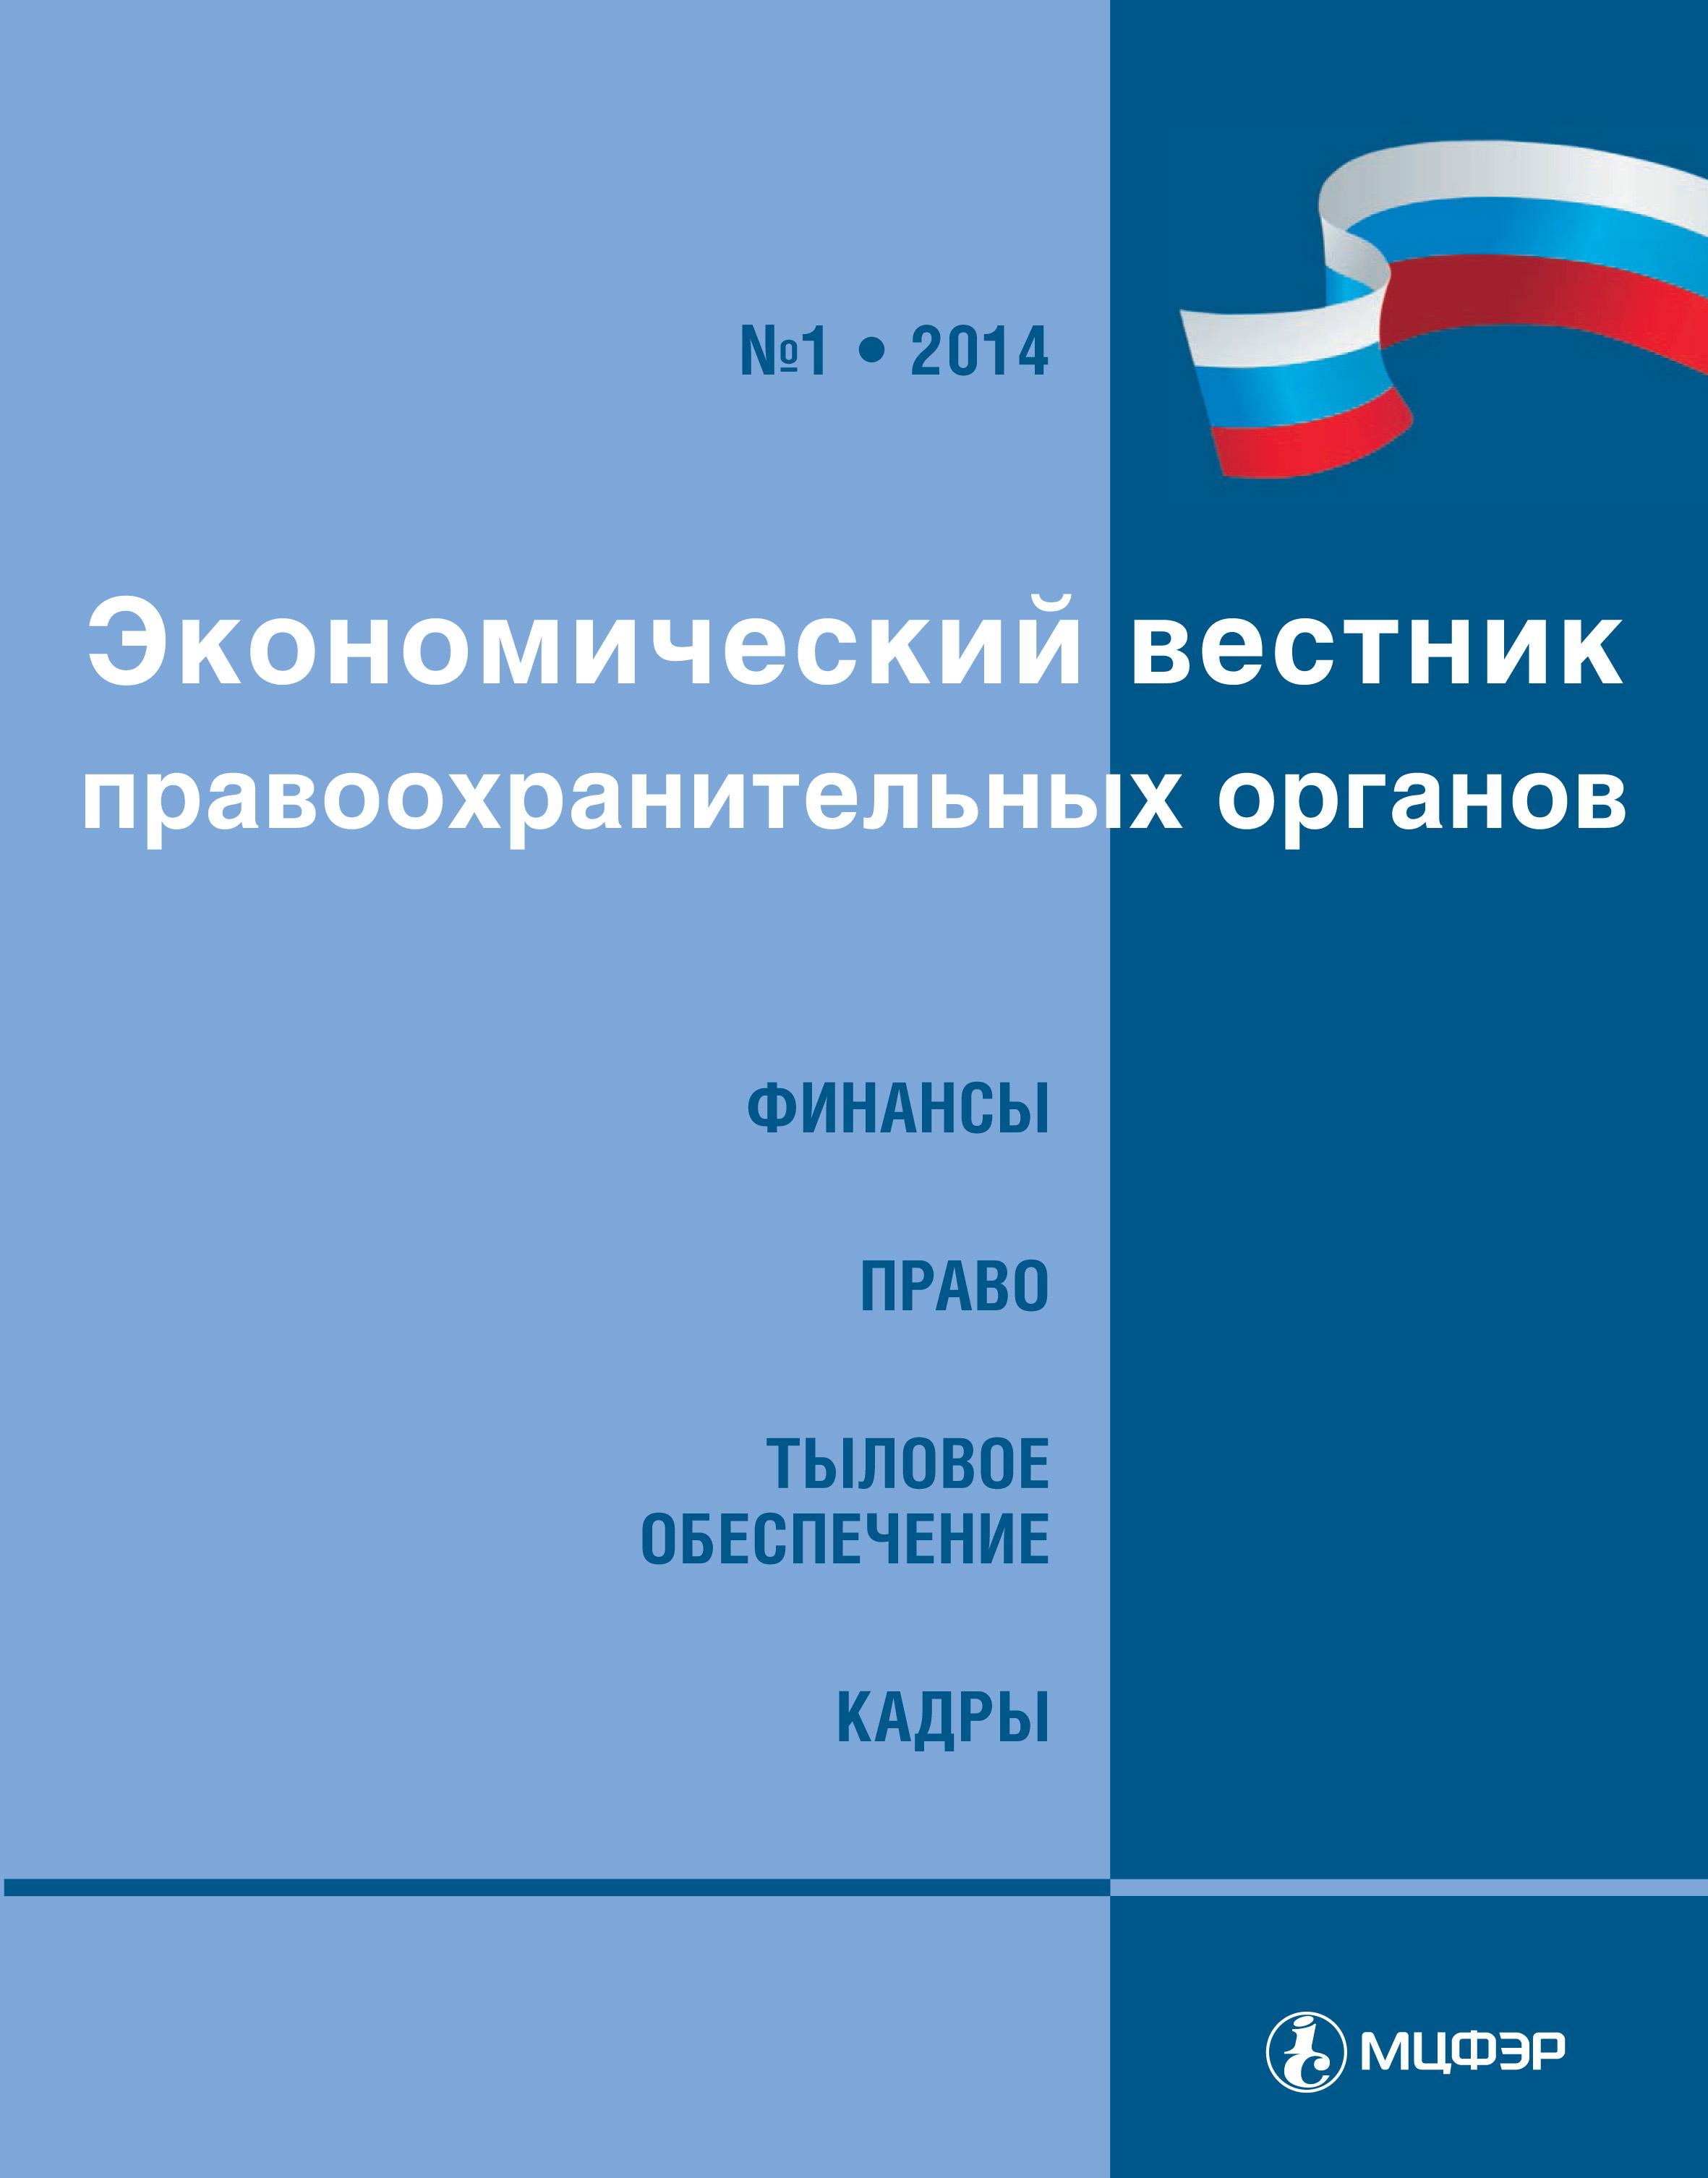 Экономический вестник правоохранительных органов №01/2014